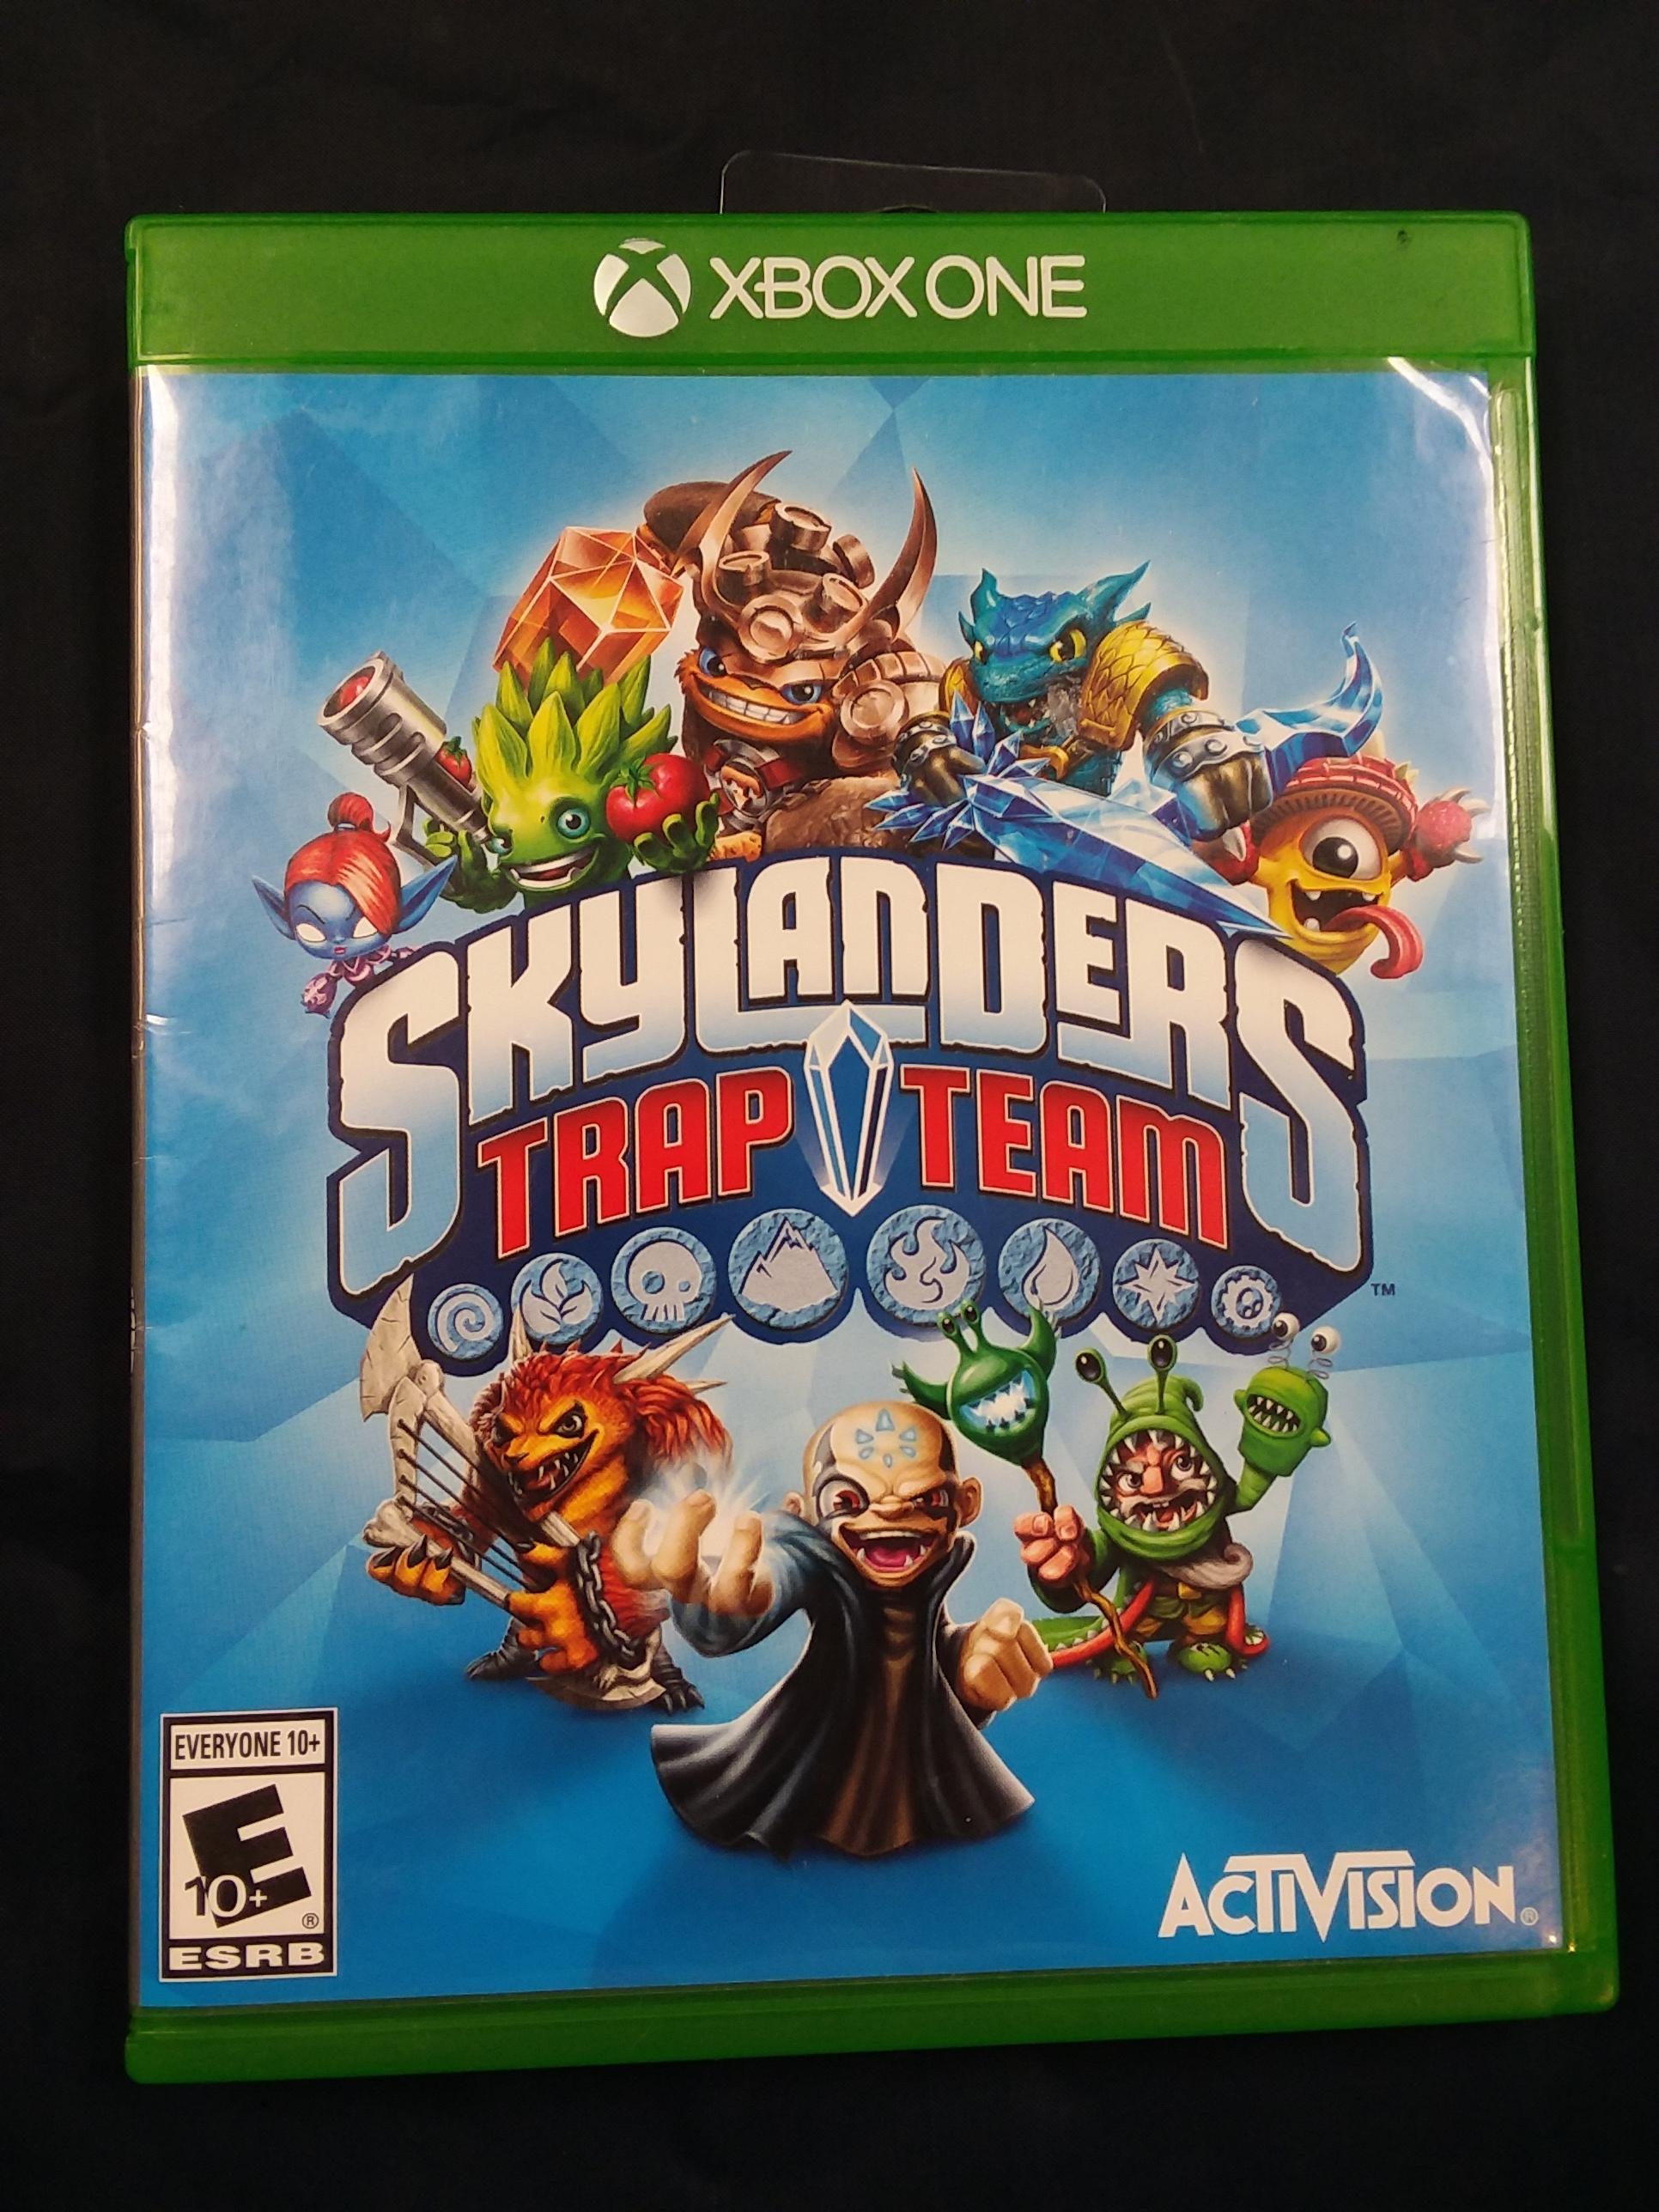 GAMES: XBOX ONE - SKYLANDERS TRAP TEAM